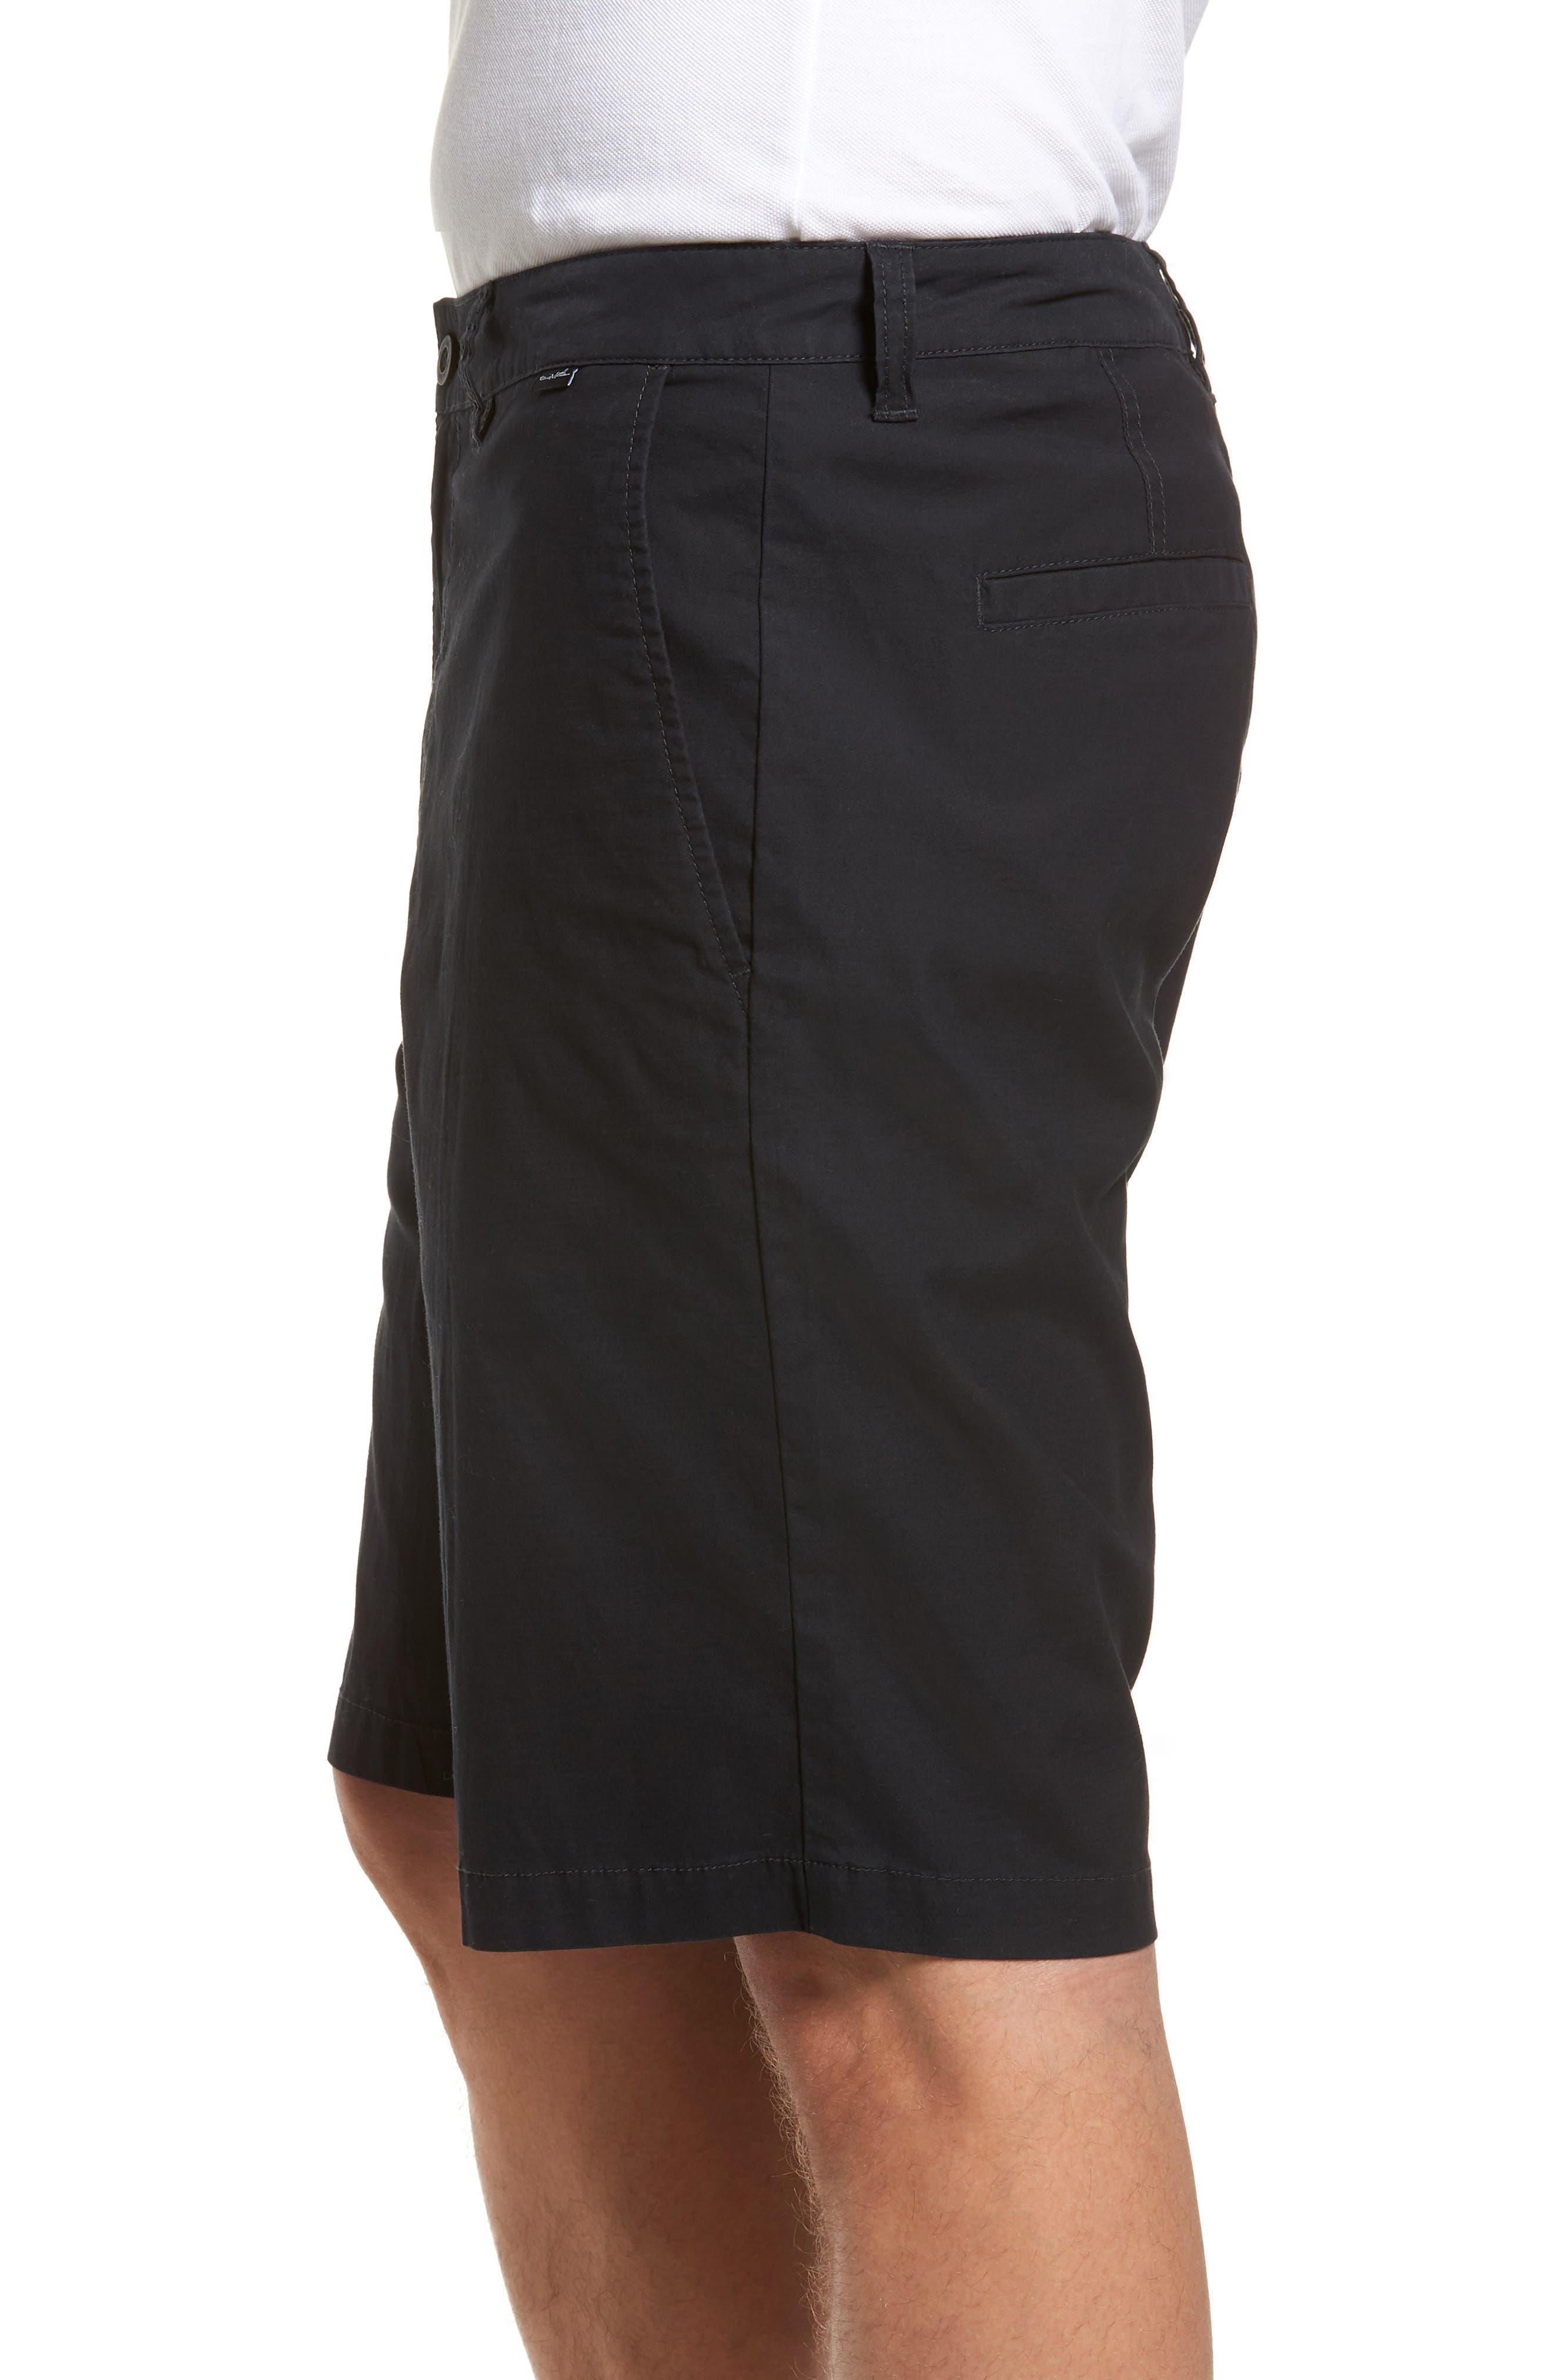 Huntington Shorts,                             Alternate thumbnail 3, color,                             BLACK